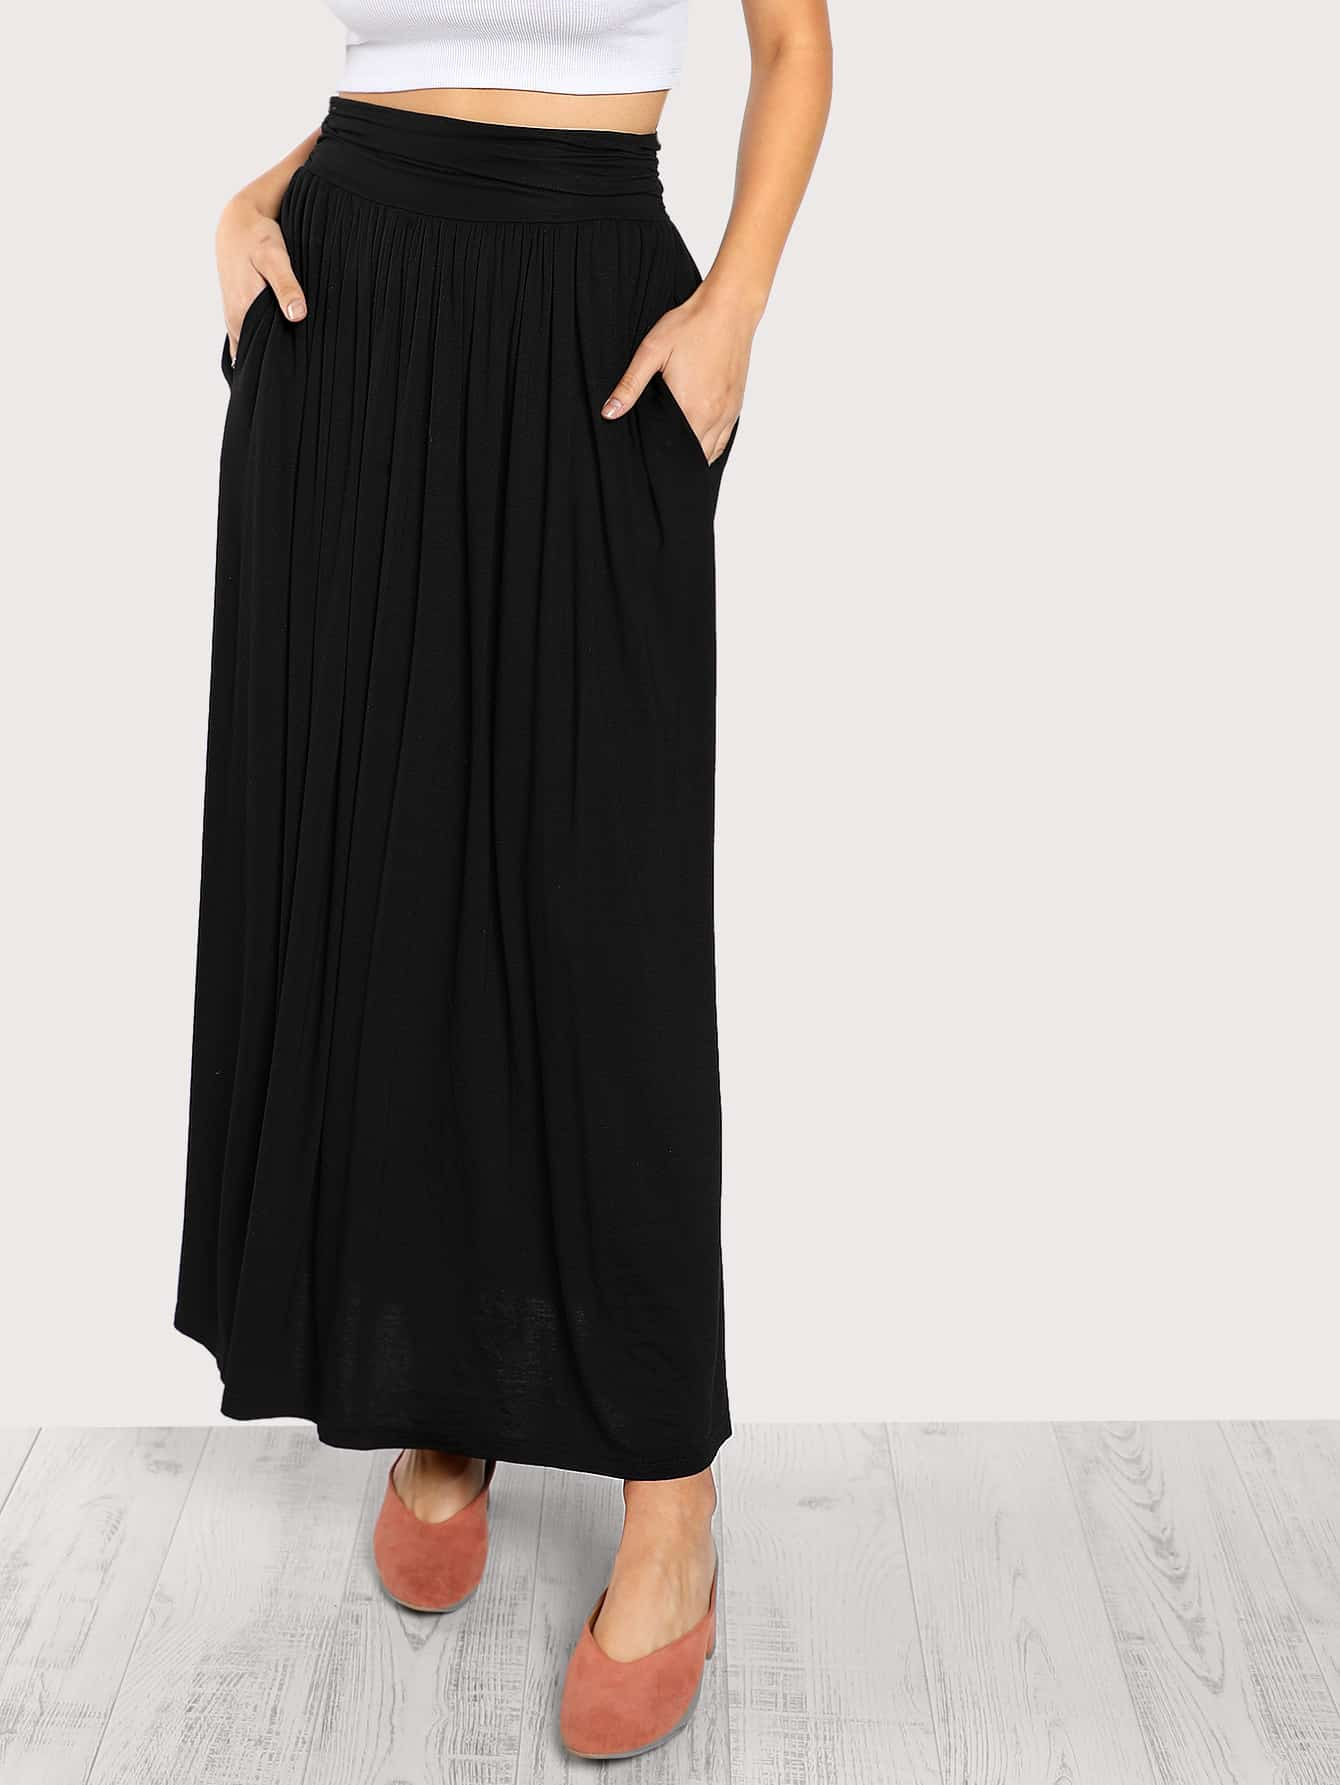 Ruched Waist Jersey Skirt skirt171020703